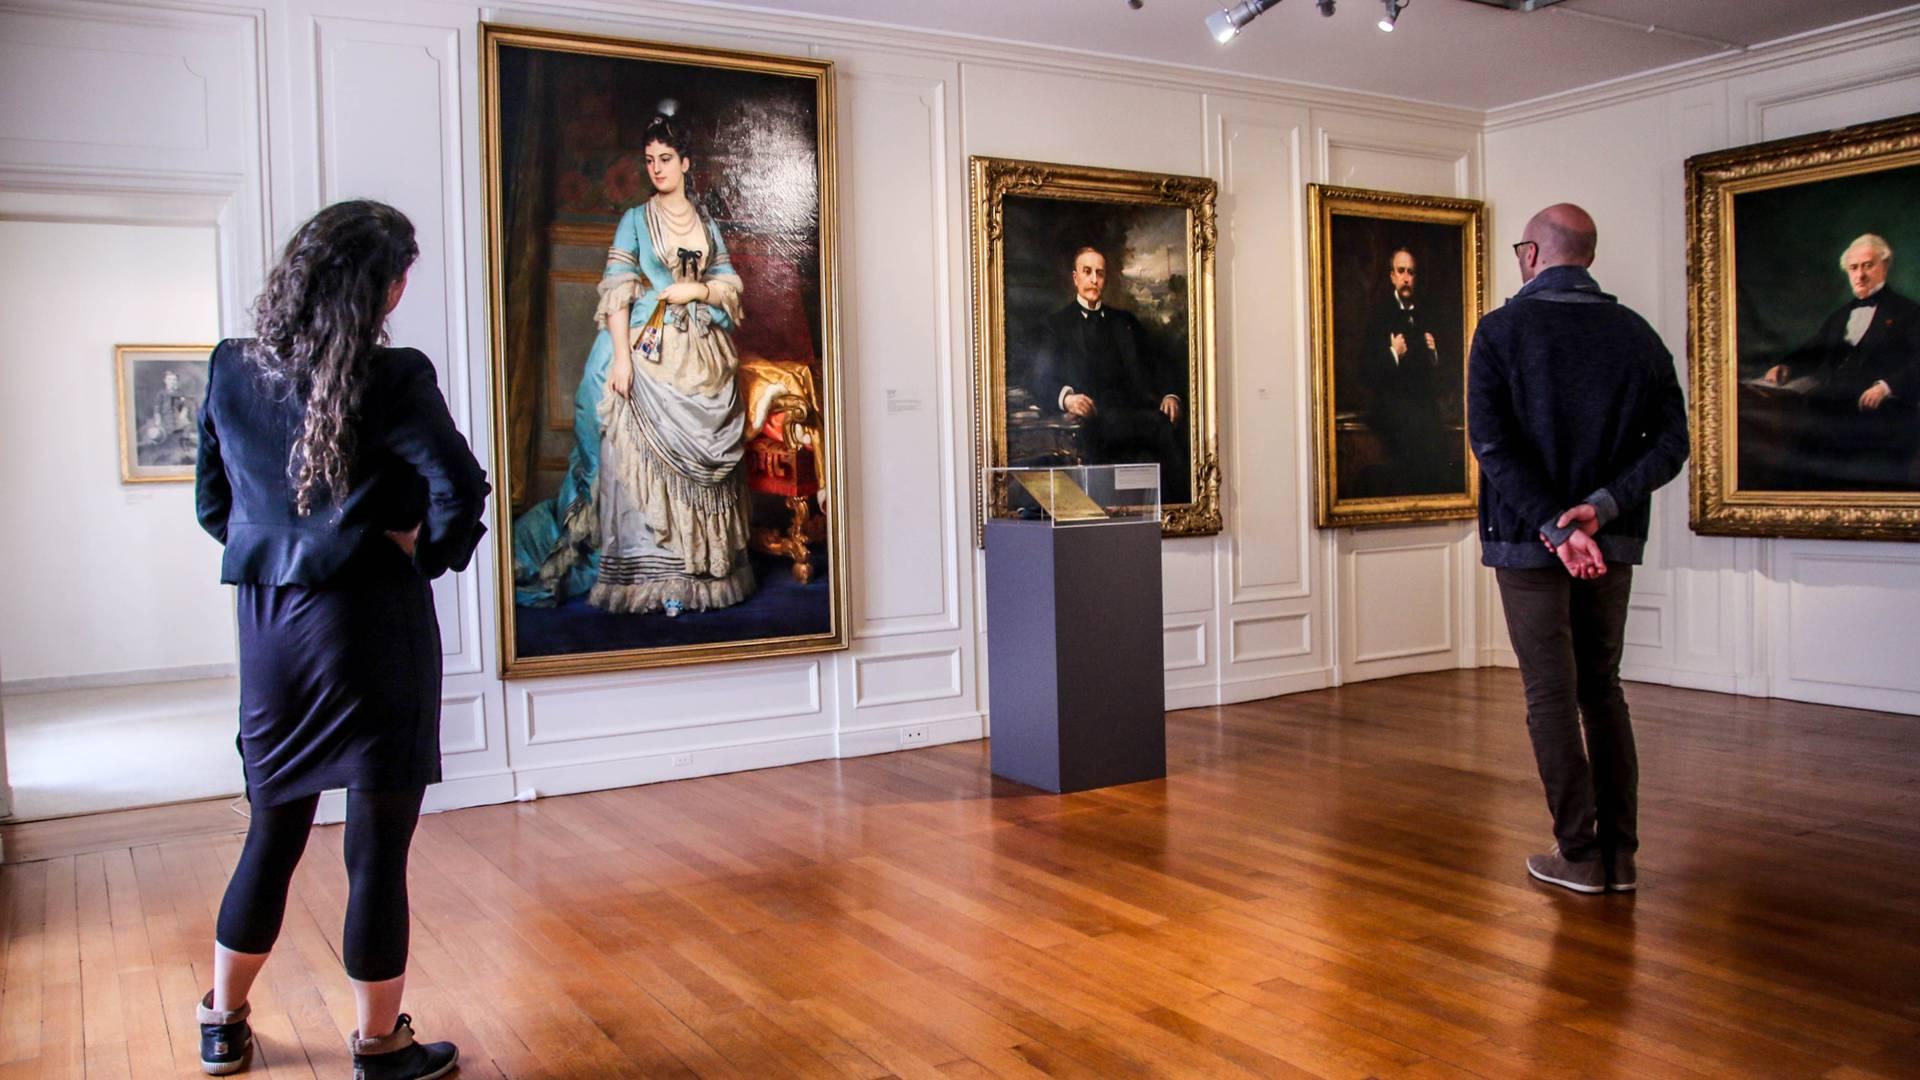 En visitant le Musée de l'homme et de l'industrie, Le Creusot. © Lesley Williamson.